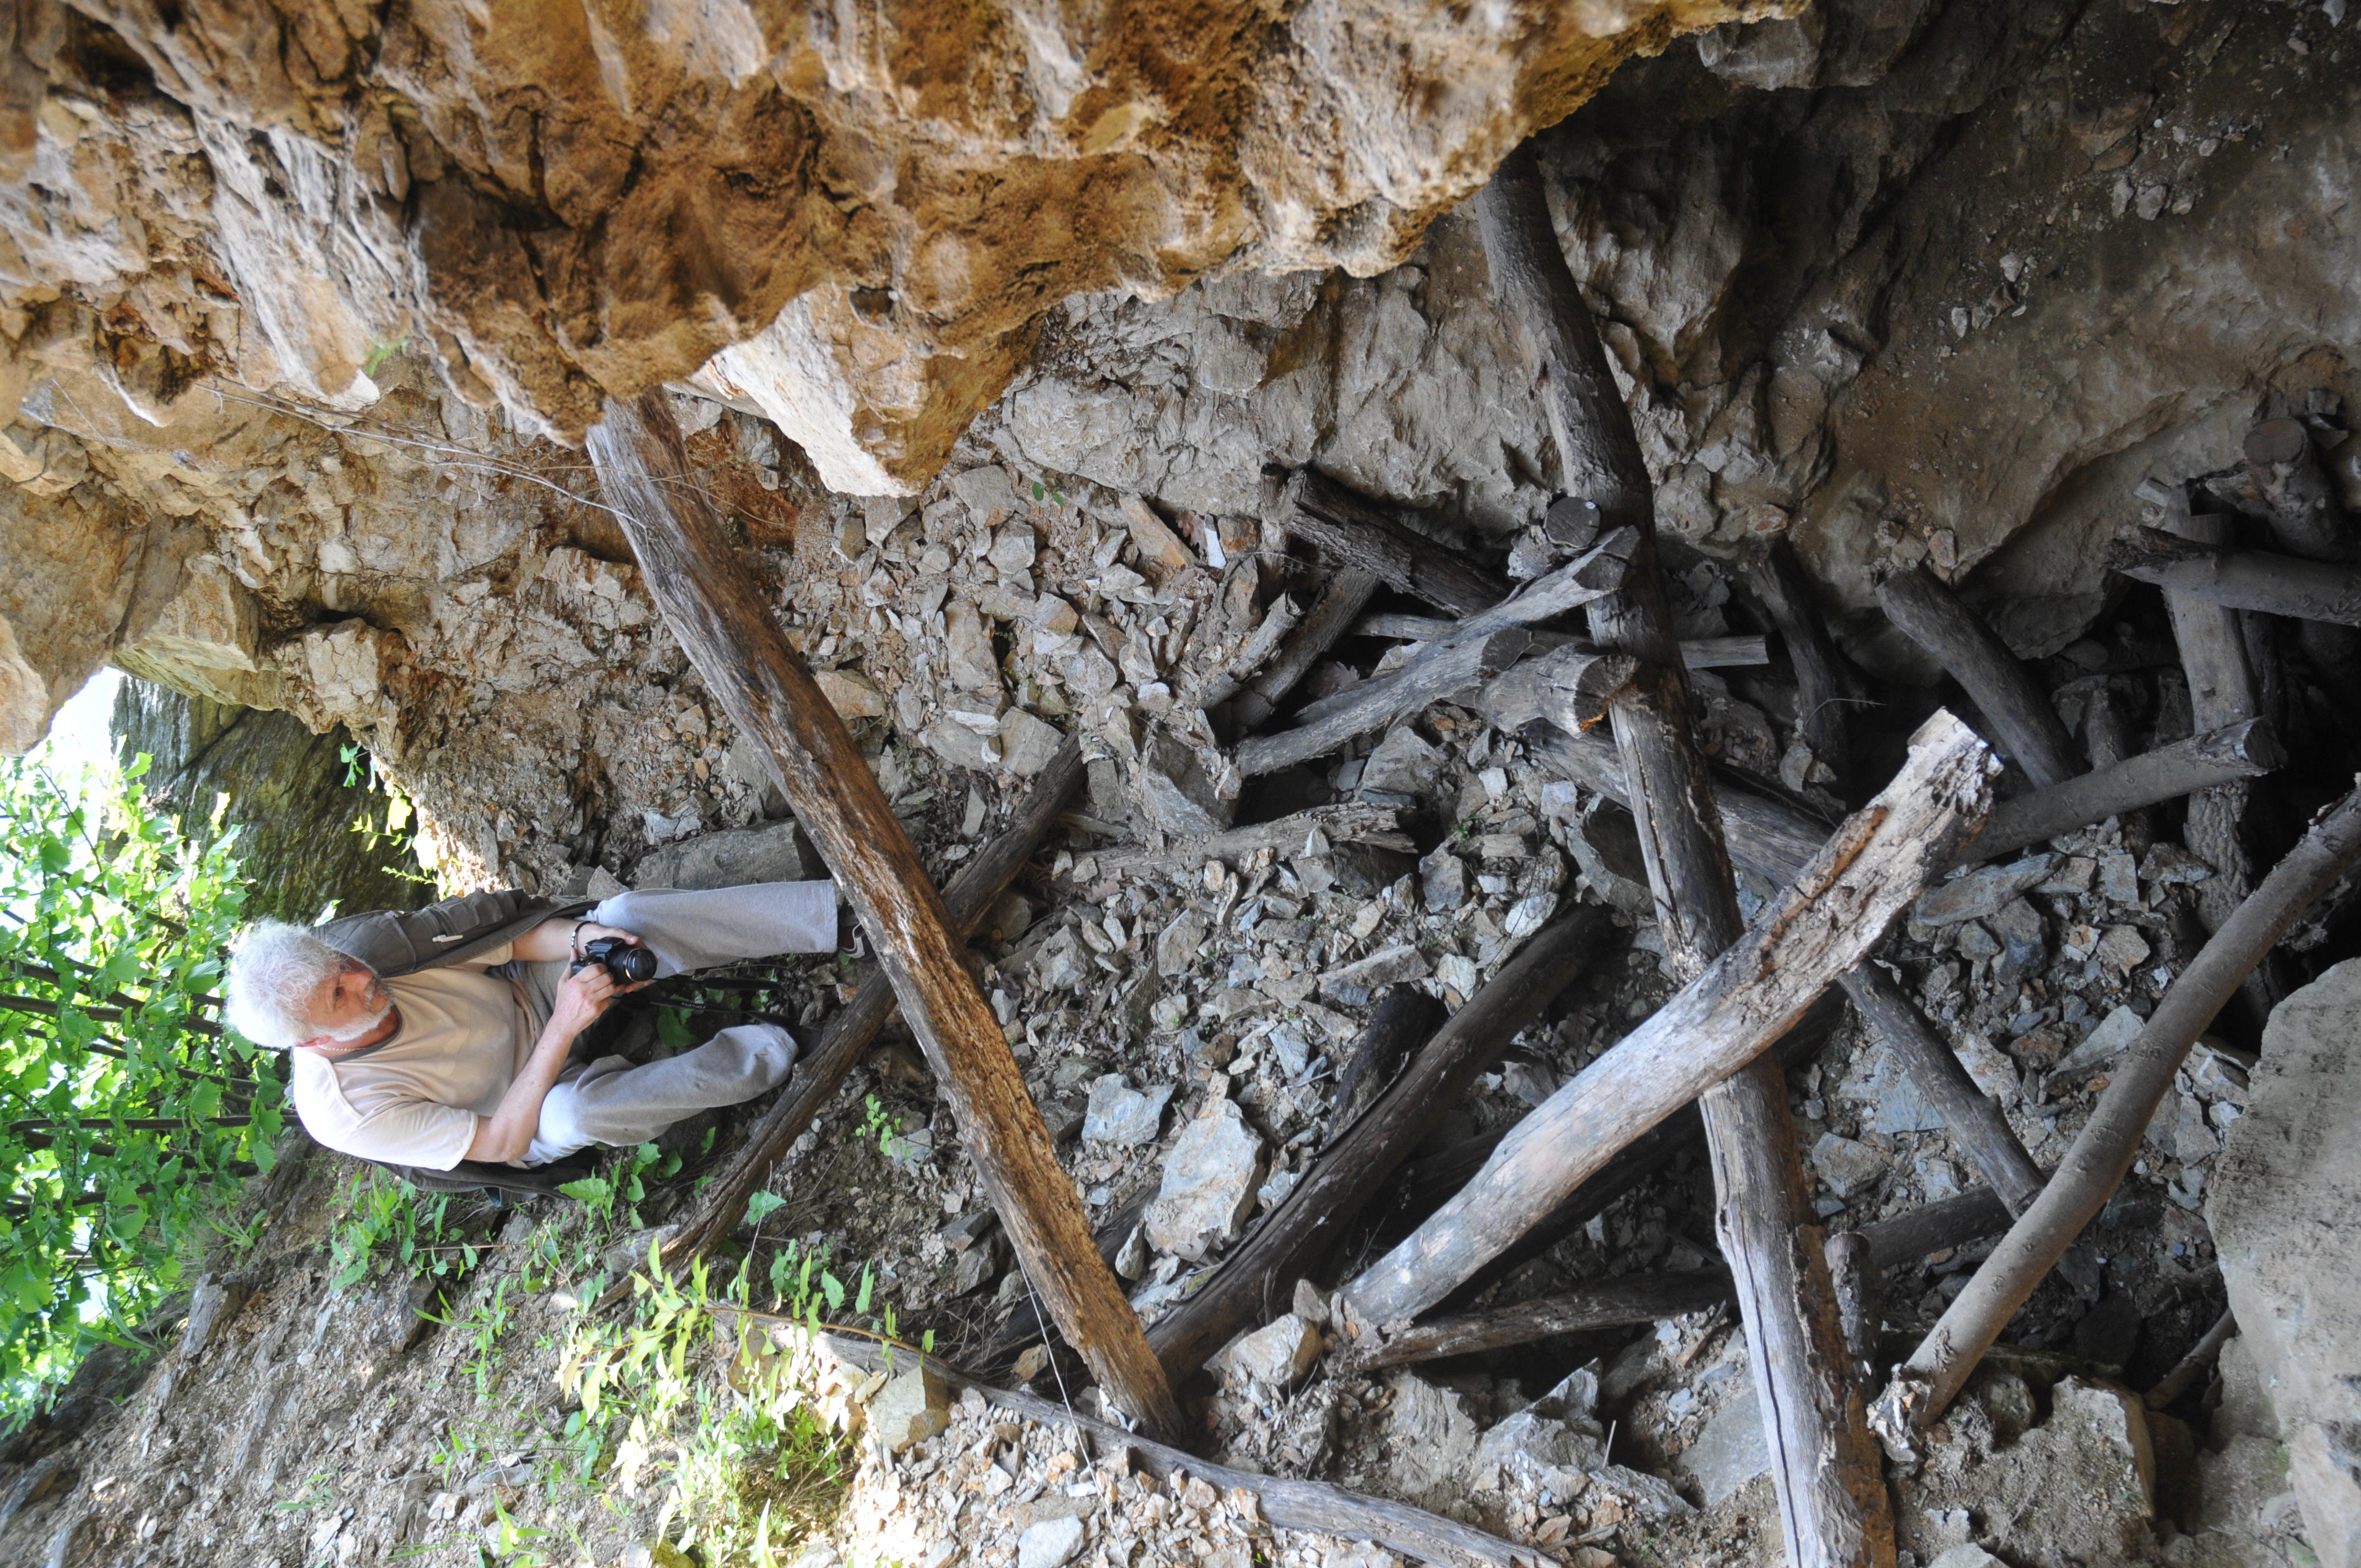 Go to Највећи природни камени мост у Србији:ваља прераст ваља видети